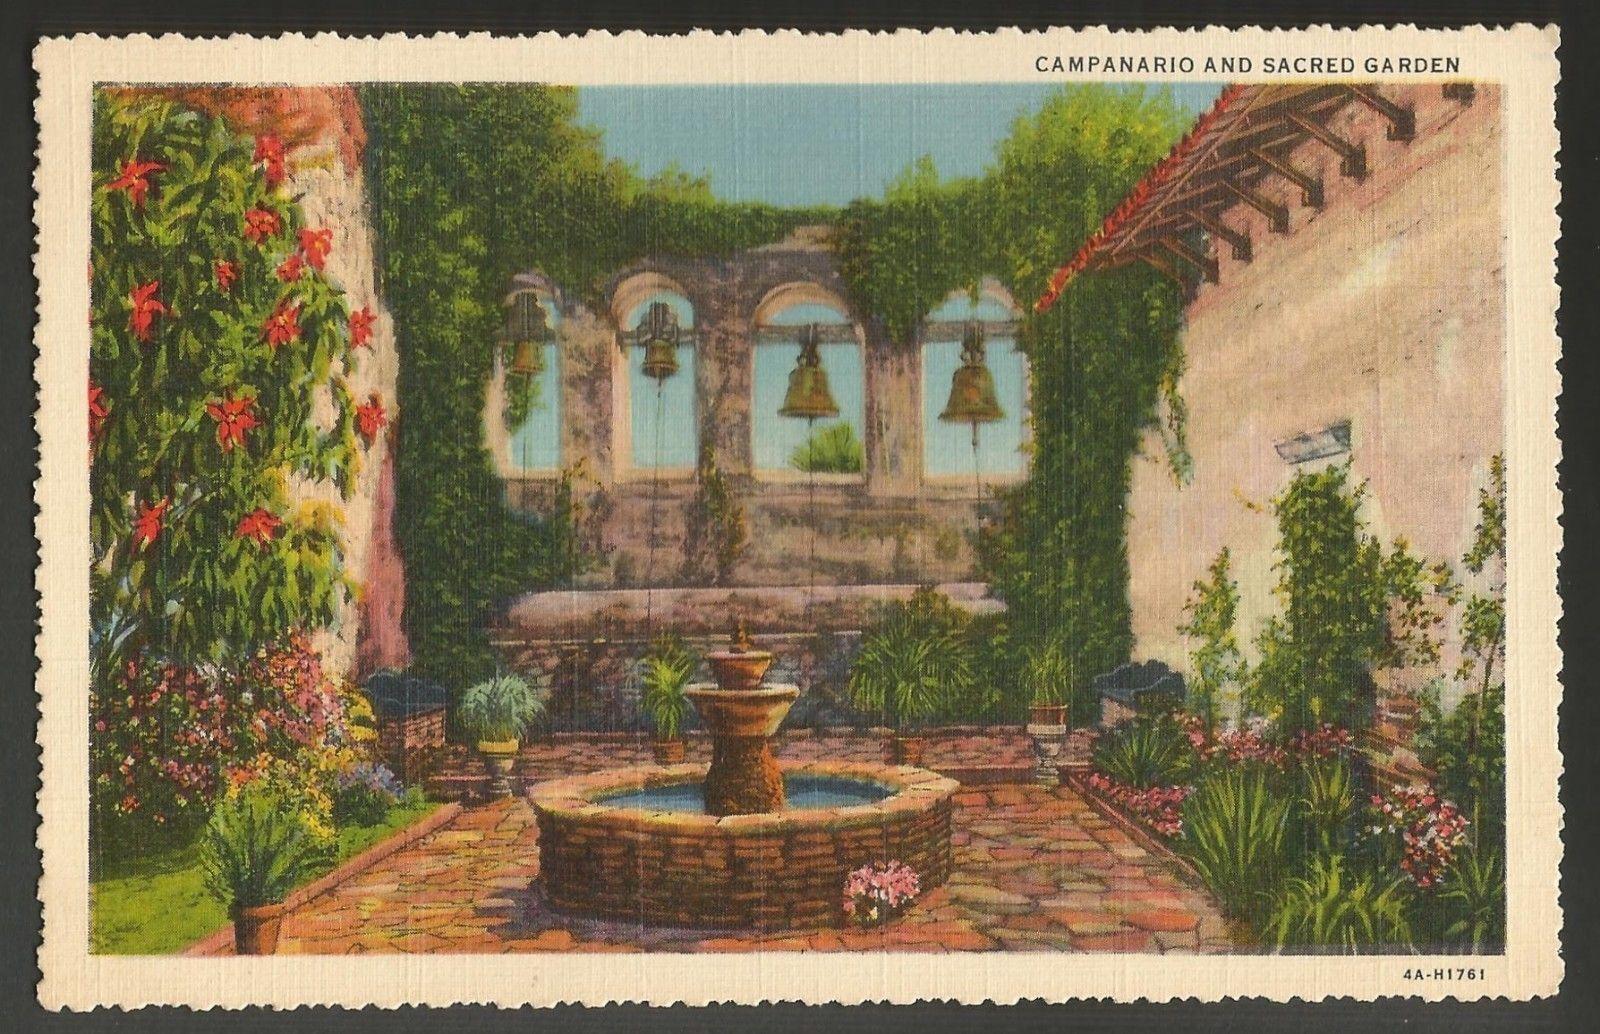 Mission San Juan Capistrano Garden Campanario Vintage Postcard CA ...